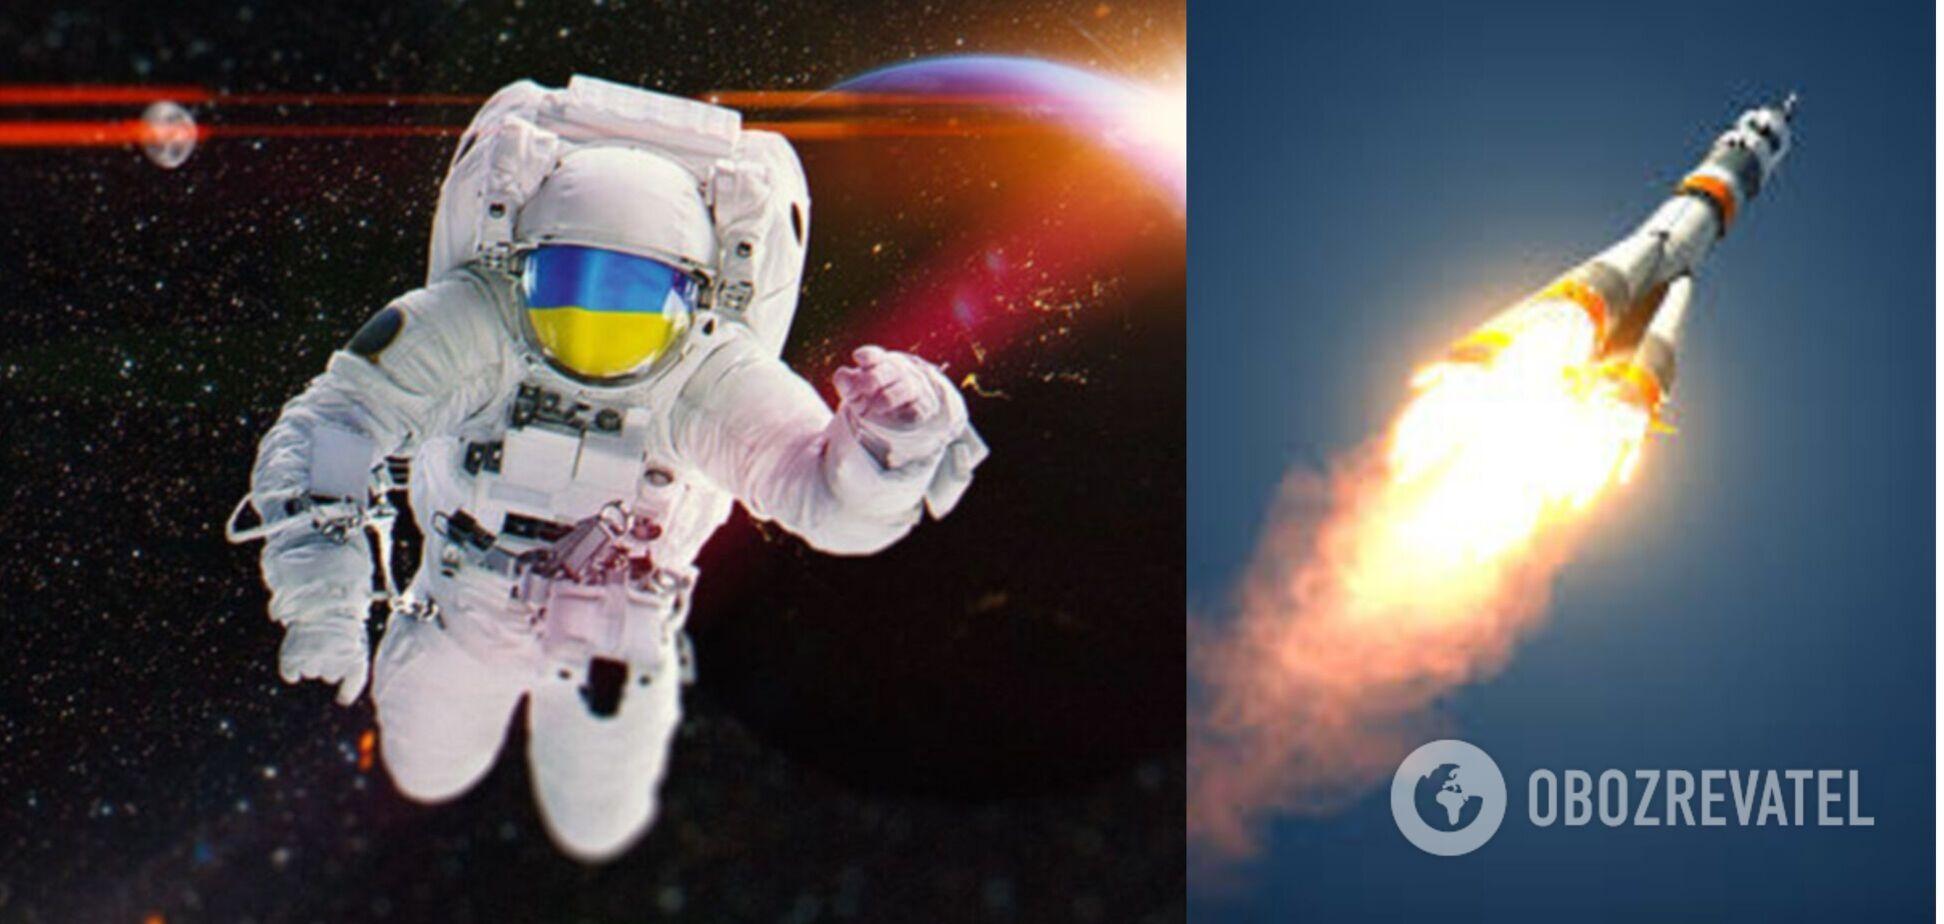 Глава Госкосмоса заявил, что Украина сможет отправить туристов в космос, и назвал сроки